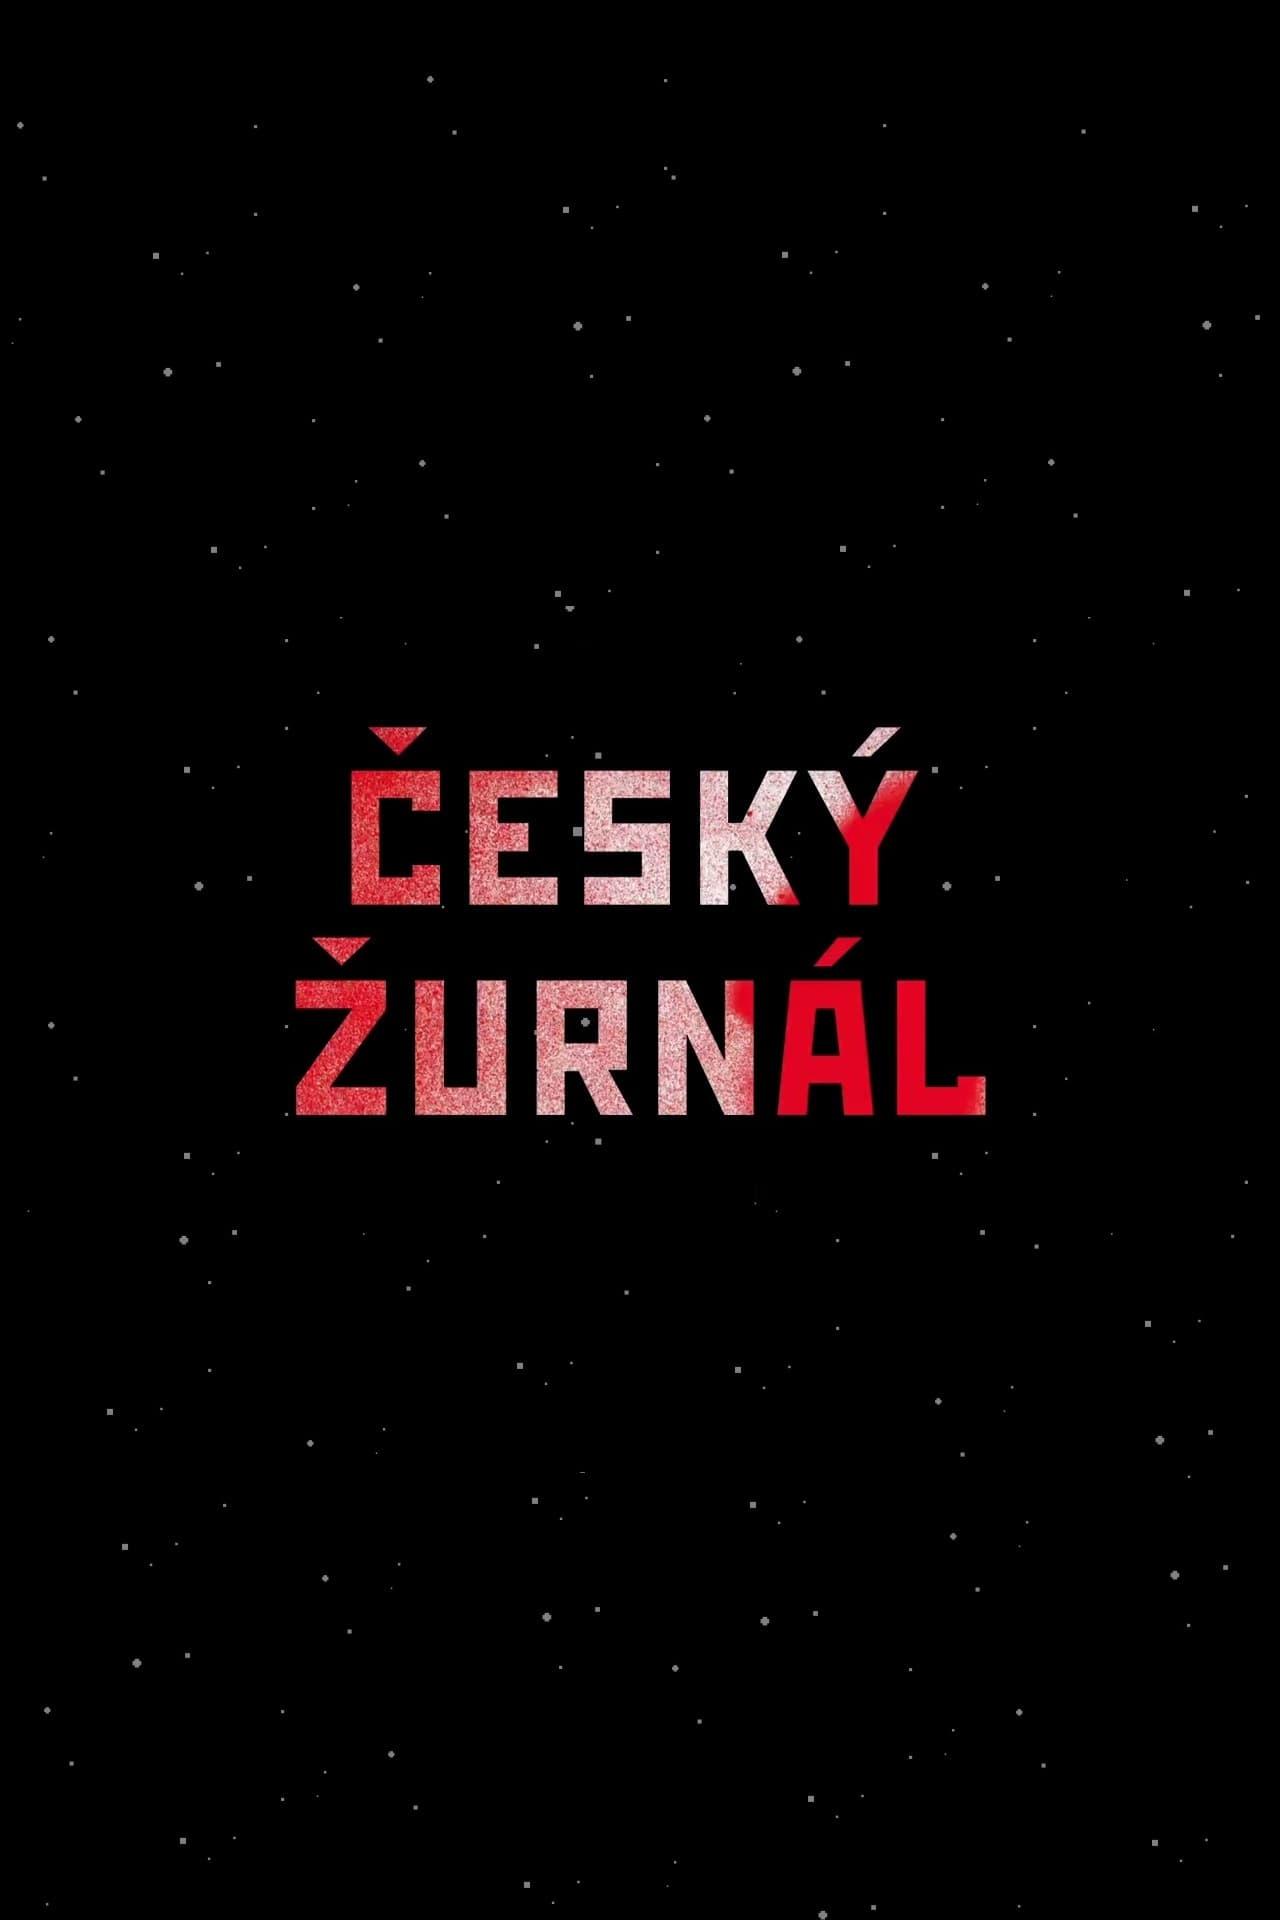 Czech Journal (2013)